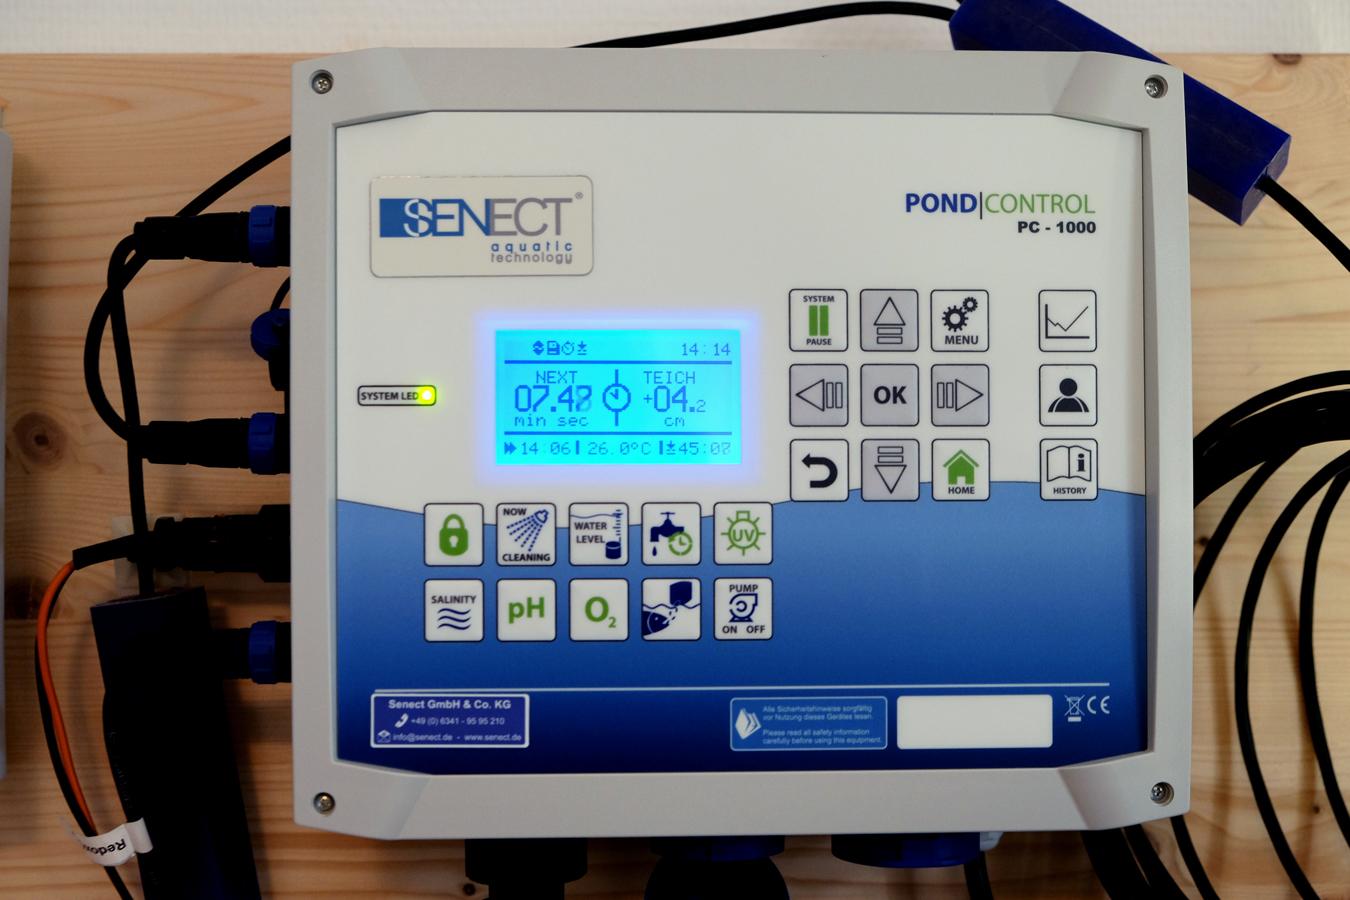 Ein Steuerkasten, viele Funktionen: Die Gründer von SENECT wissen, wie gute Wasserqualität aufrecht erhalten wird. Foto: Leyerer